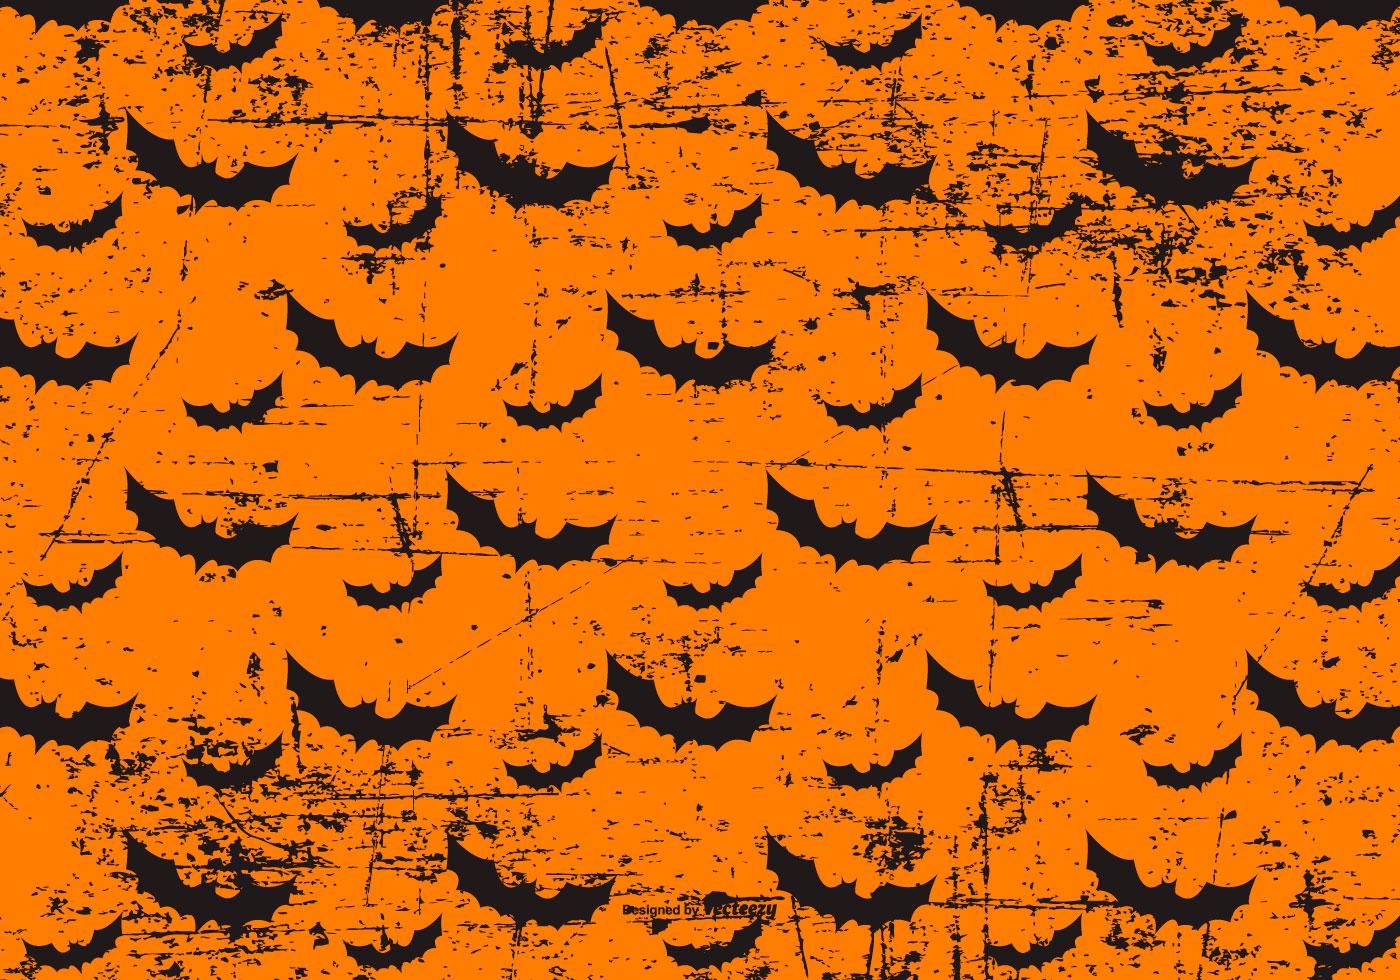 Grunge Halloween Bats Background - Download Free Vectors ...